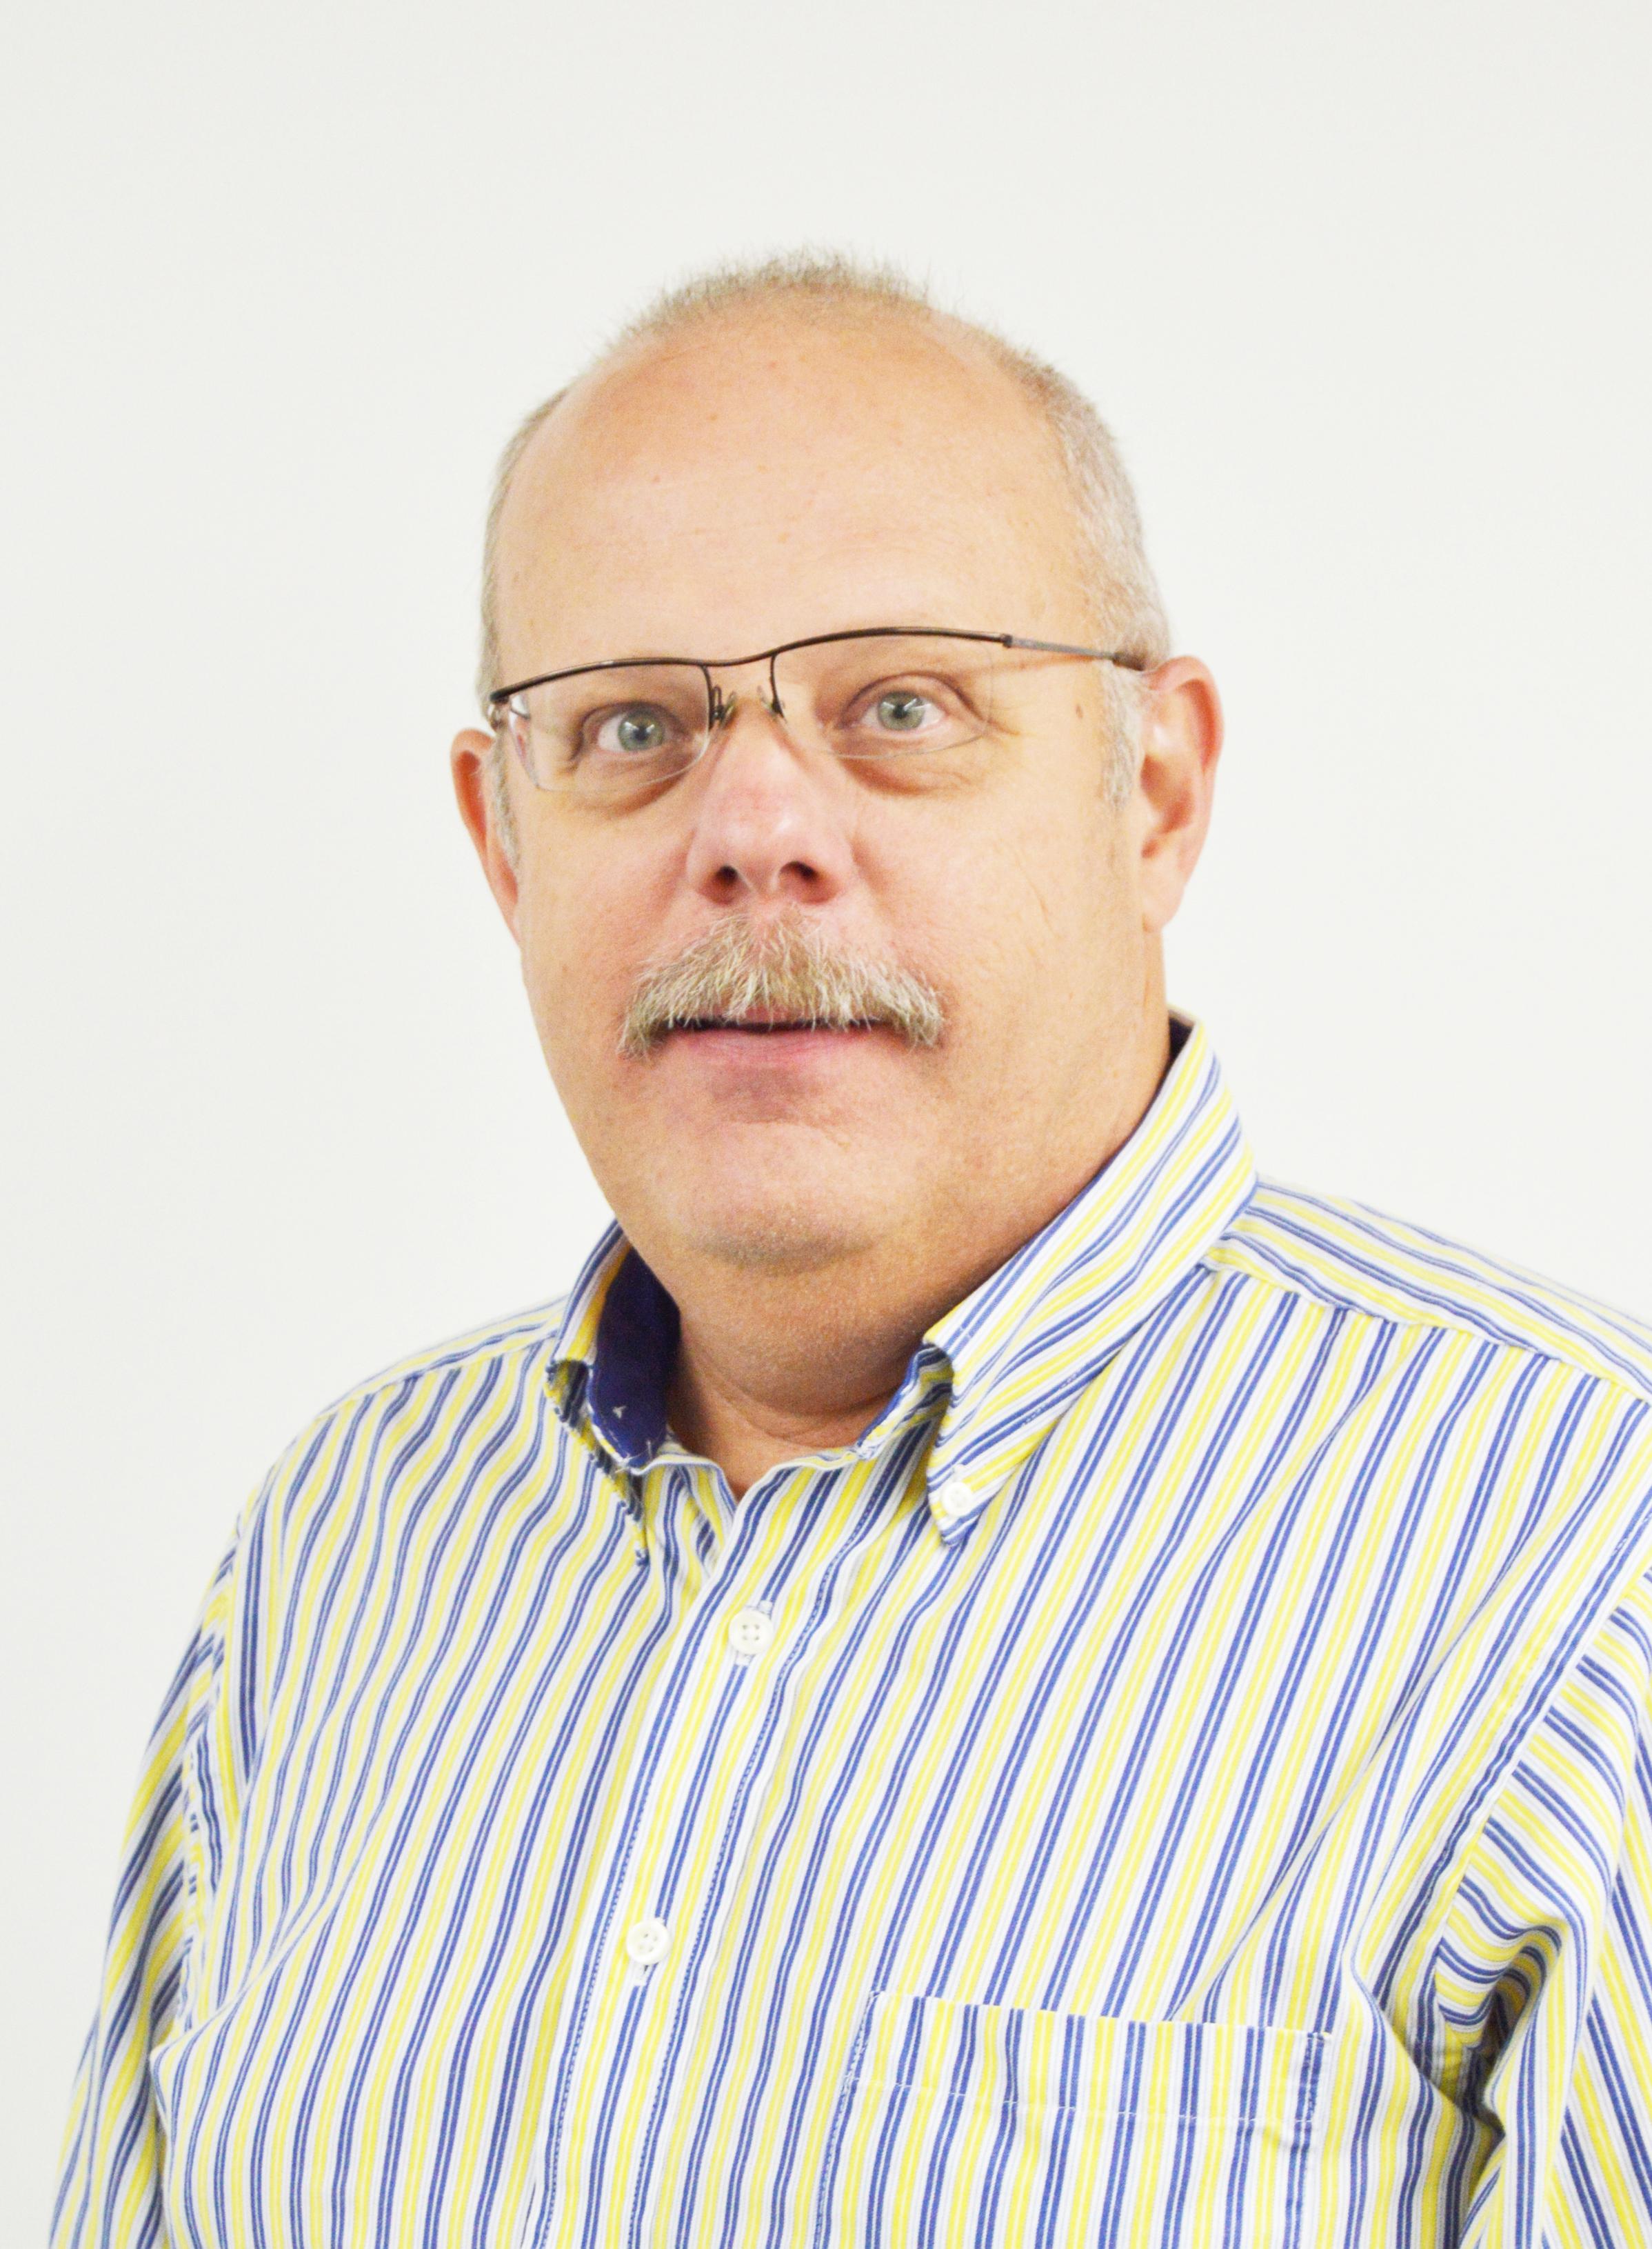 Dave Herlein